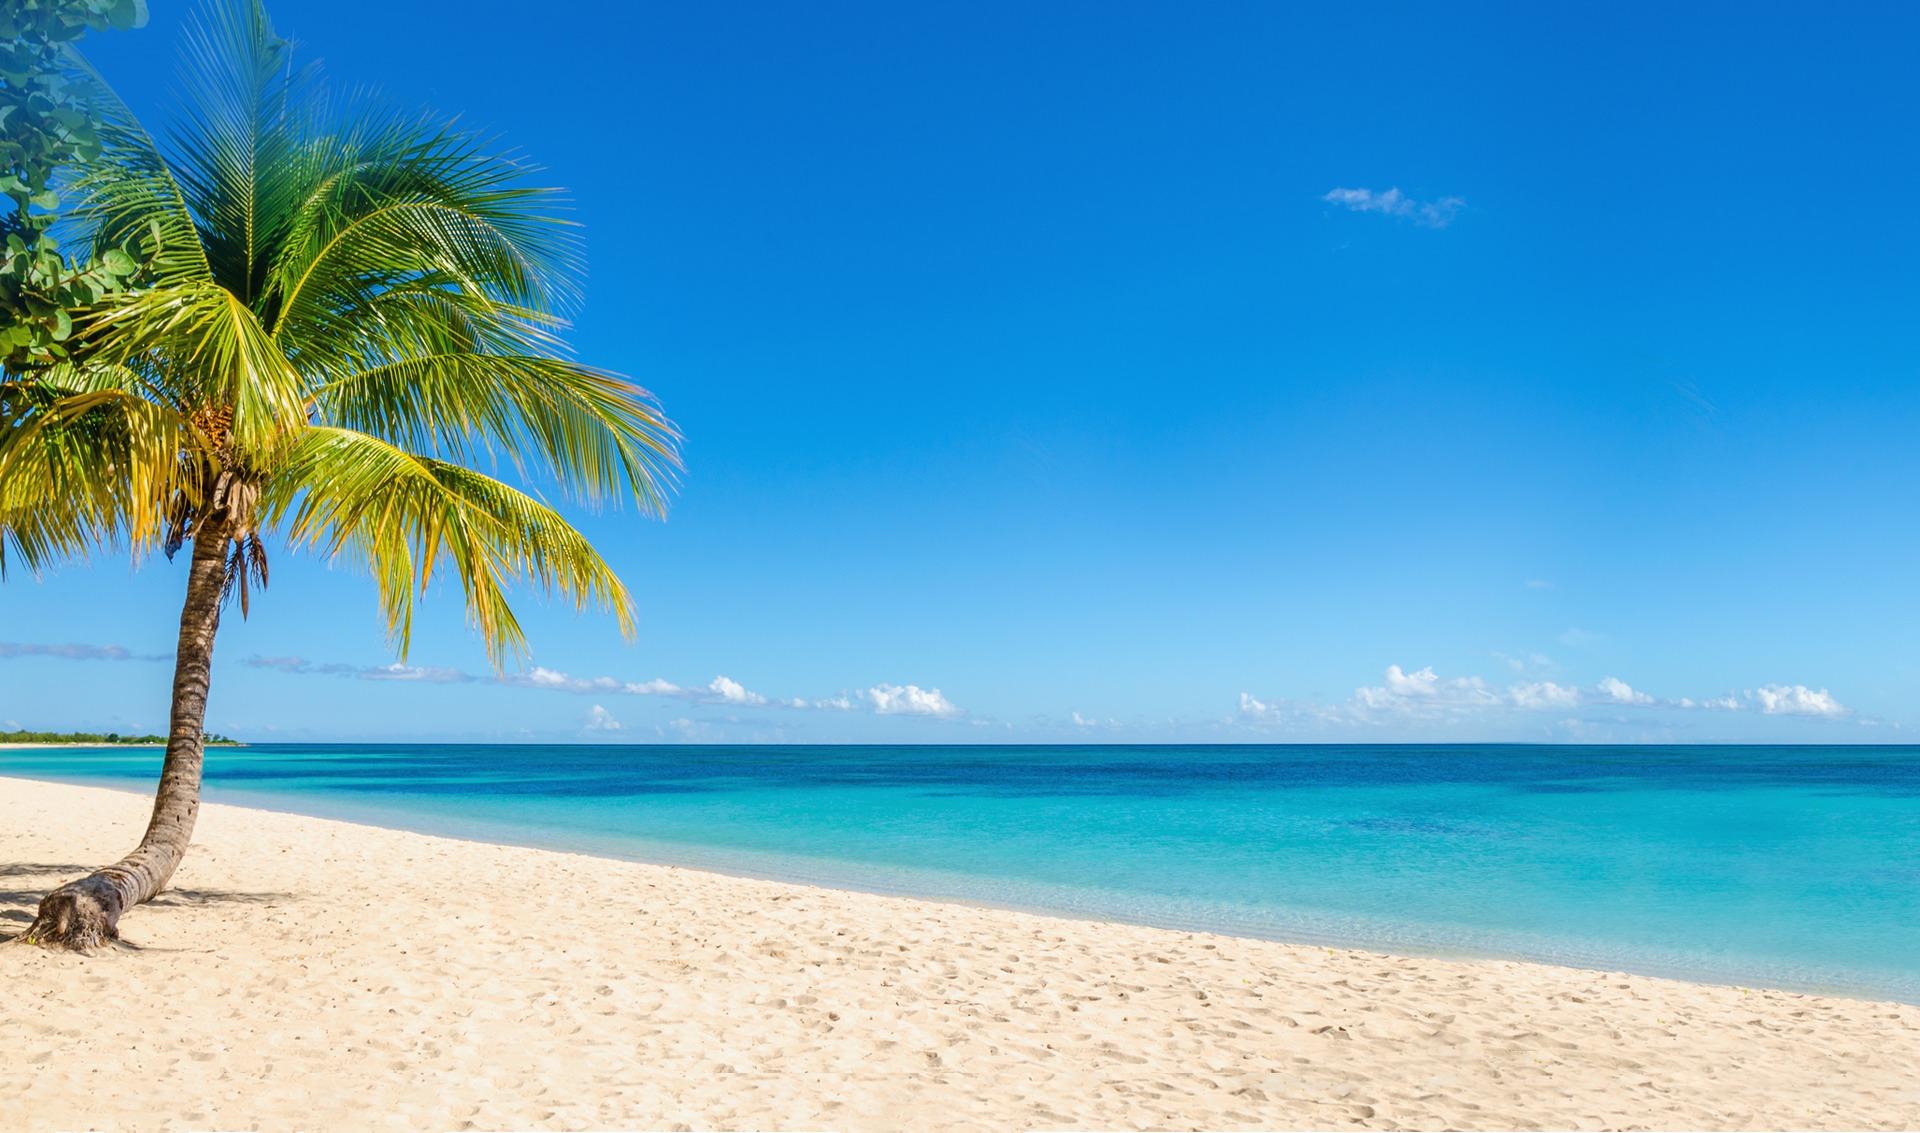 S Ocean Blvd Palm Beach Florida